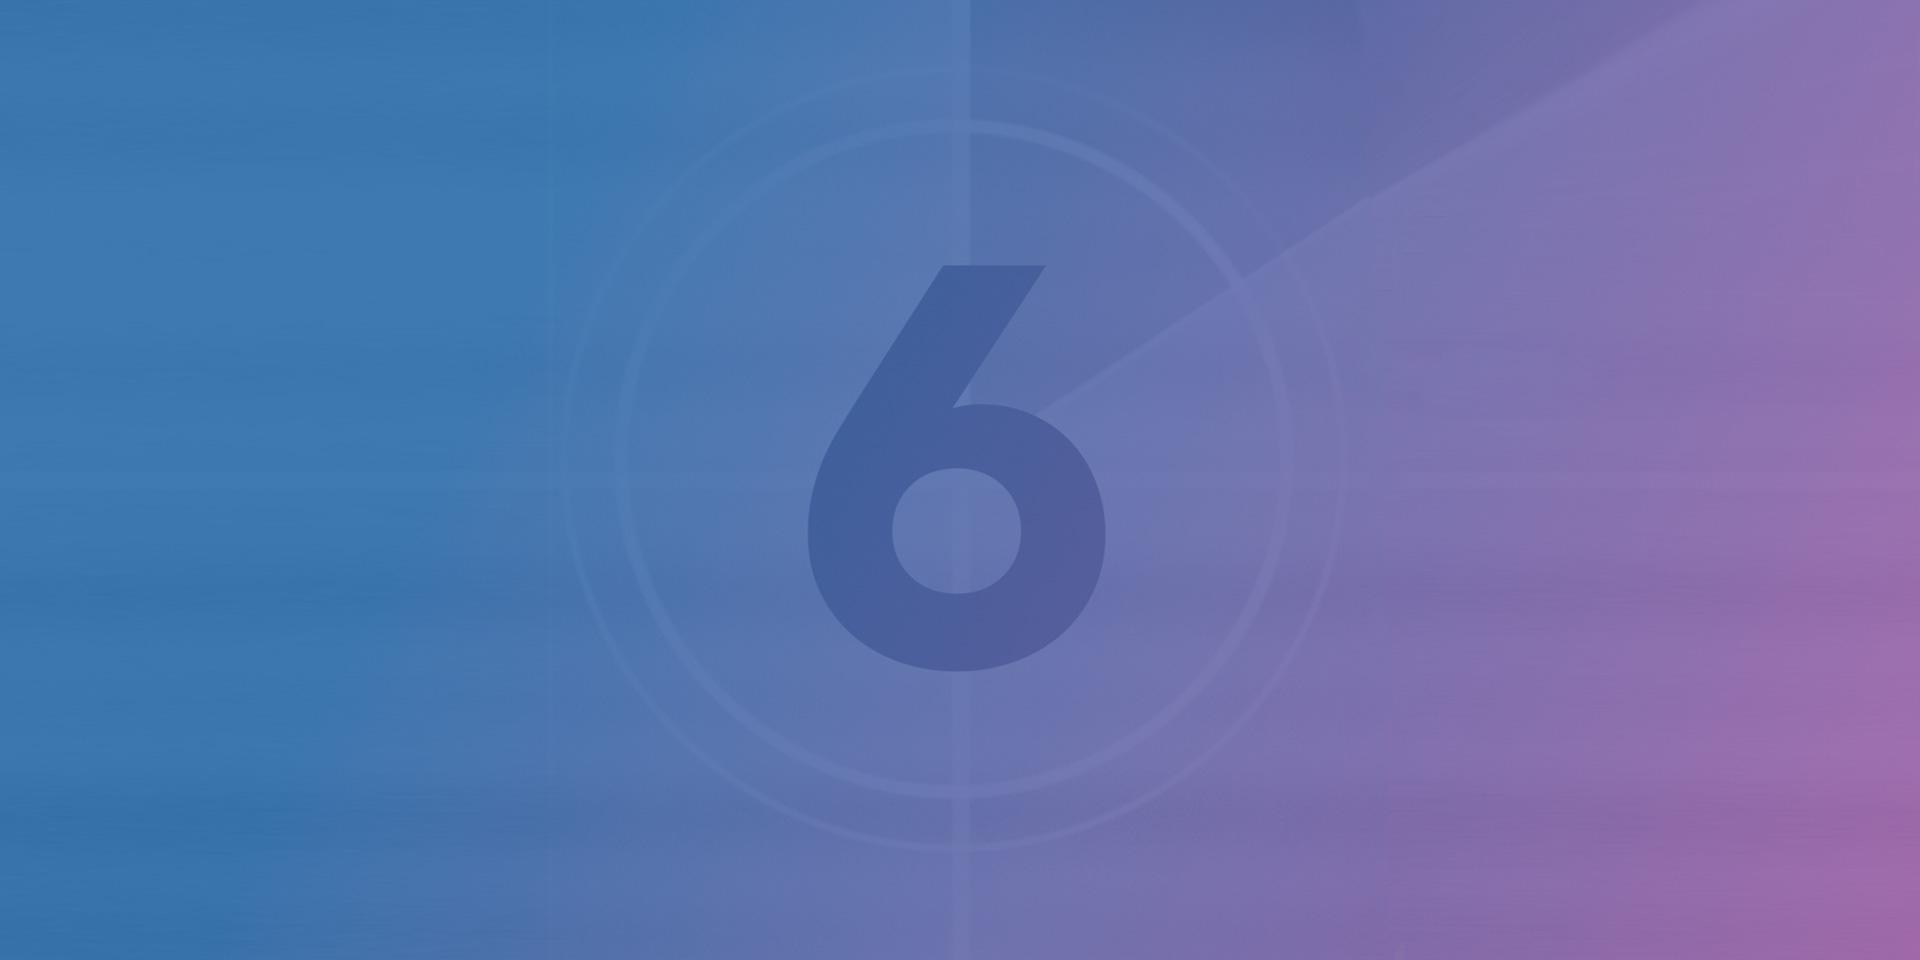 6 Ways to Make 6-second Ads Work Harder